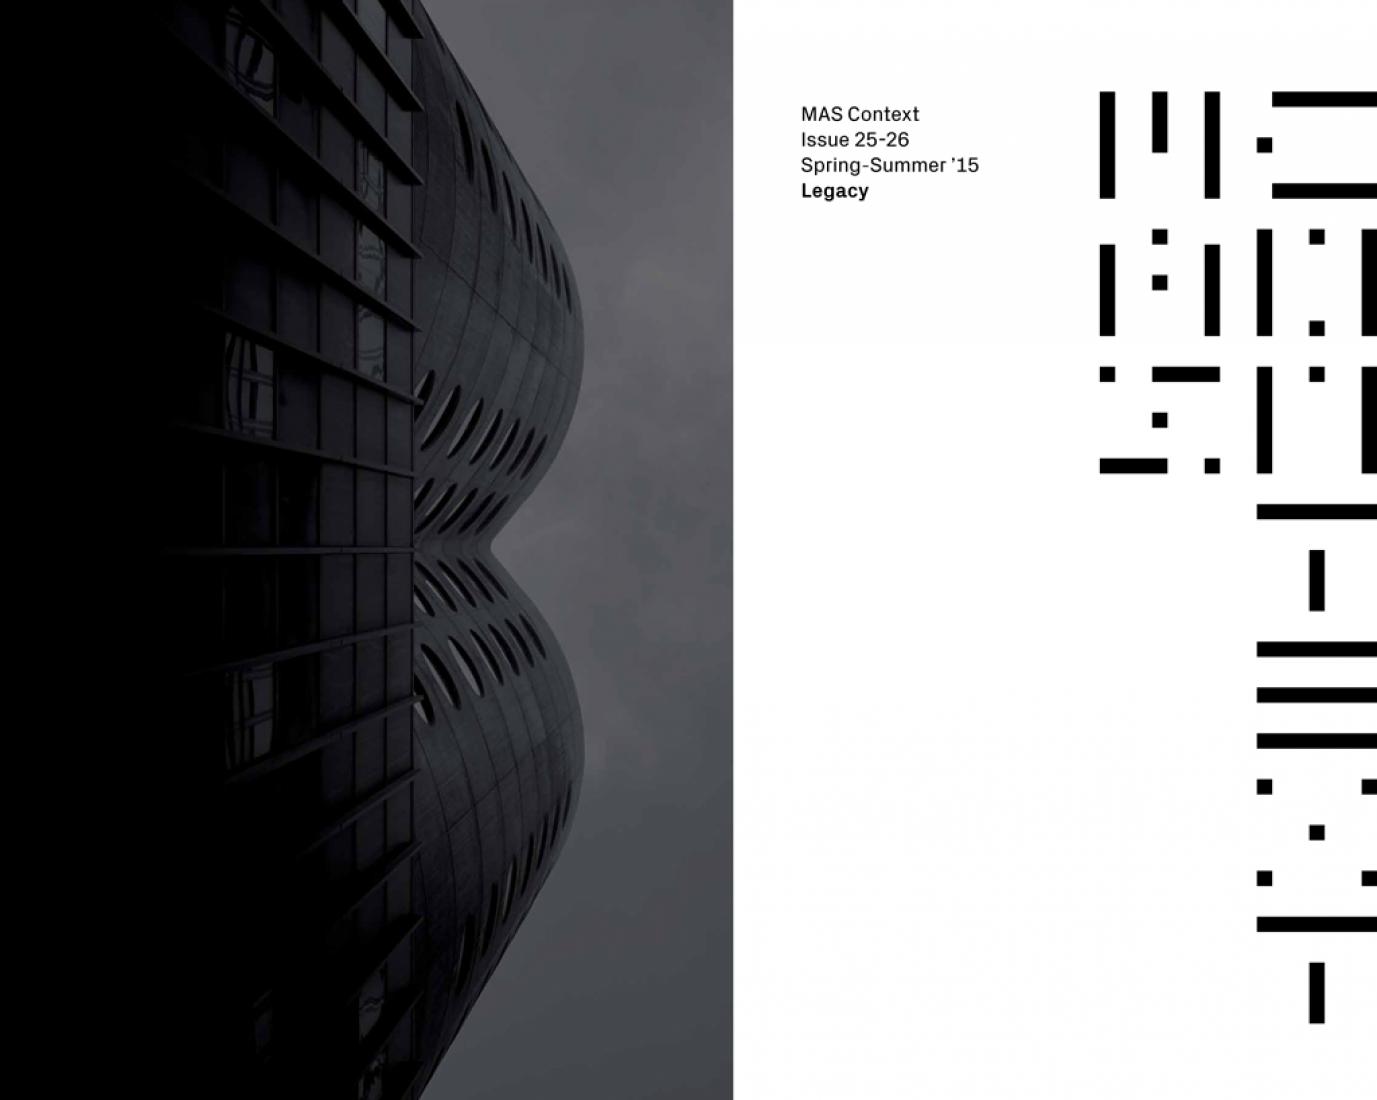 Paginas interiores del Número 25-26 de la revista Mas Context. Imagen cortesía de Mas Context.